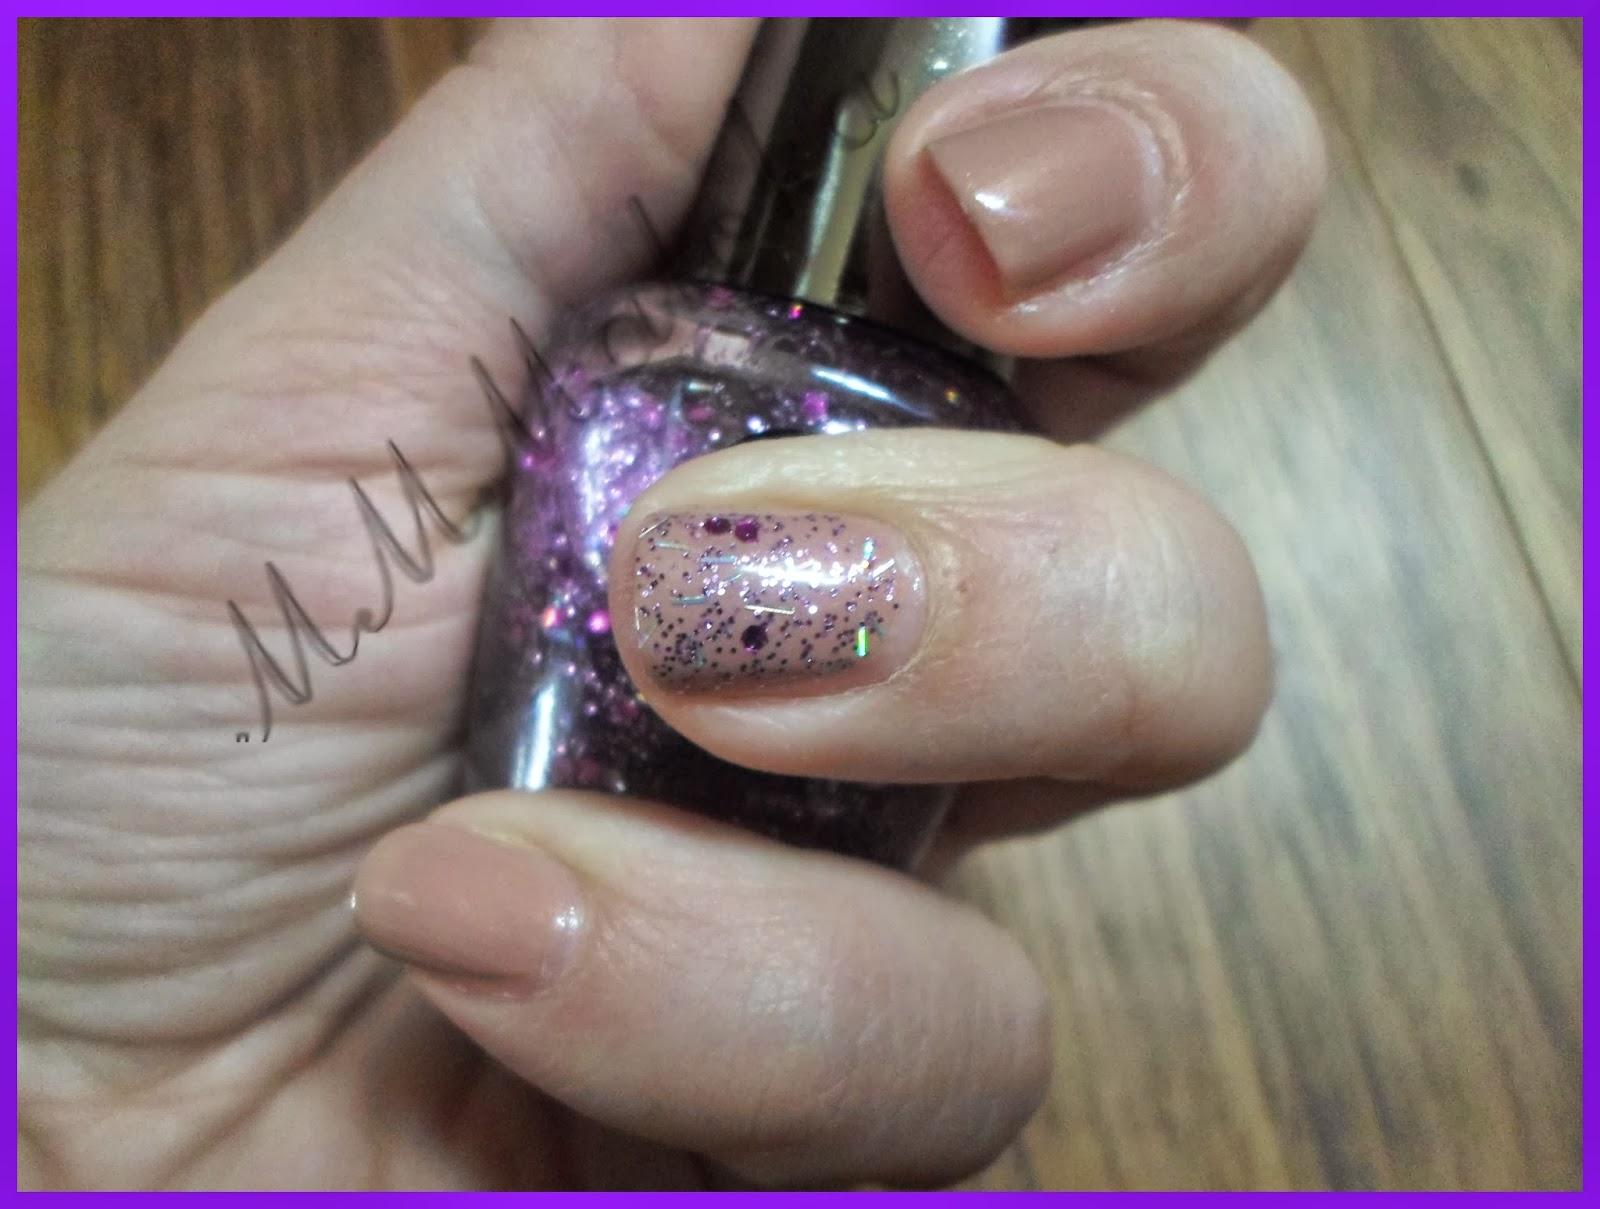 Nudziakowy sensique + fioletowe szaleństwo :-)